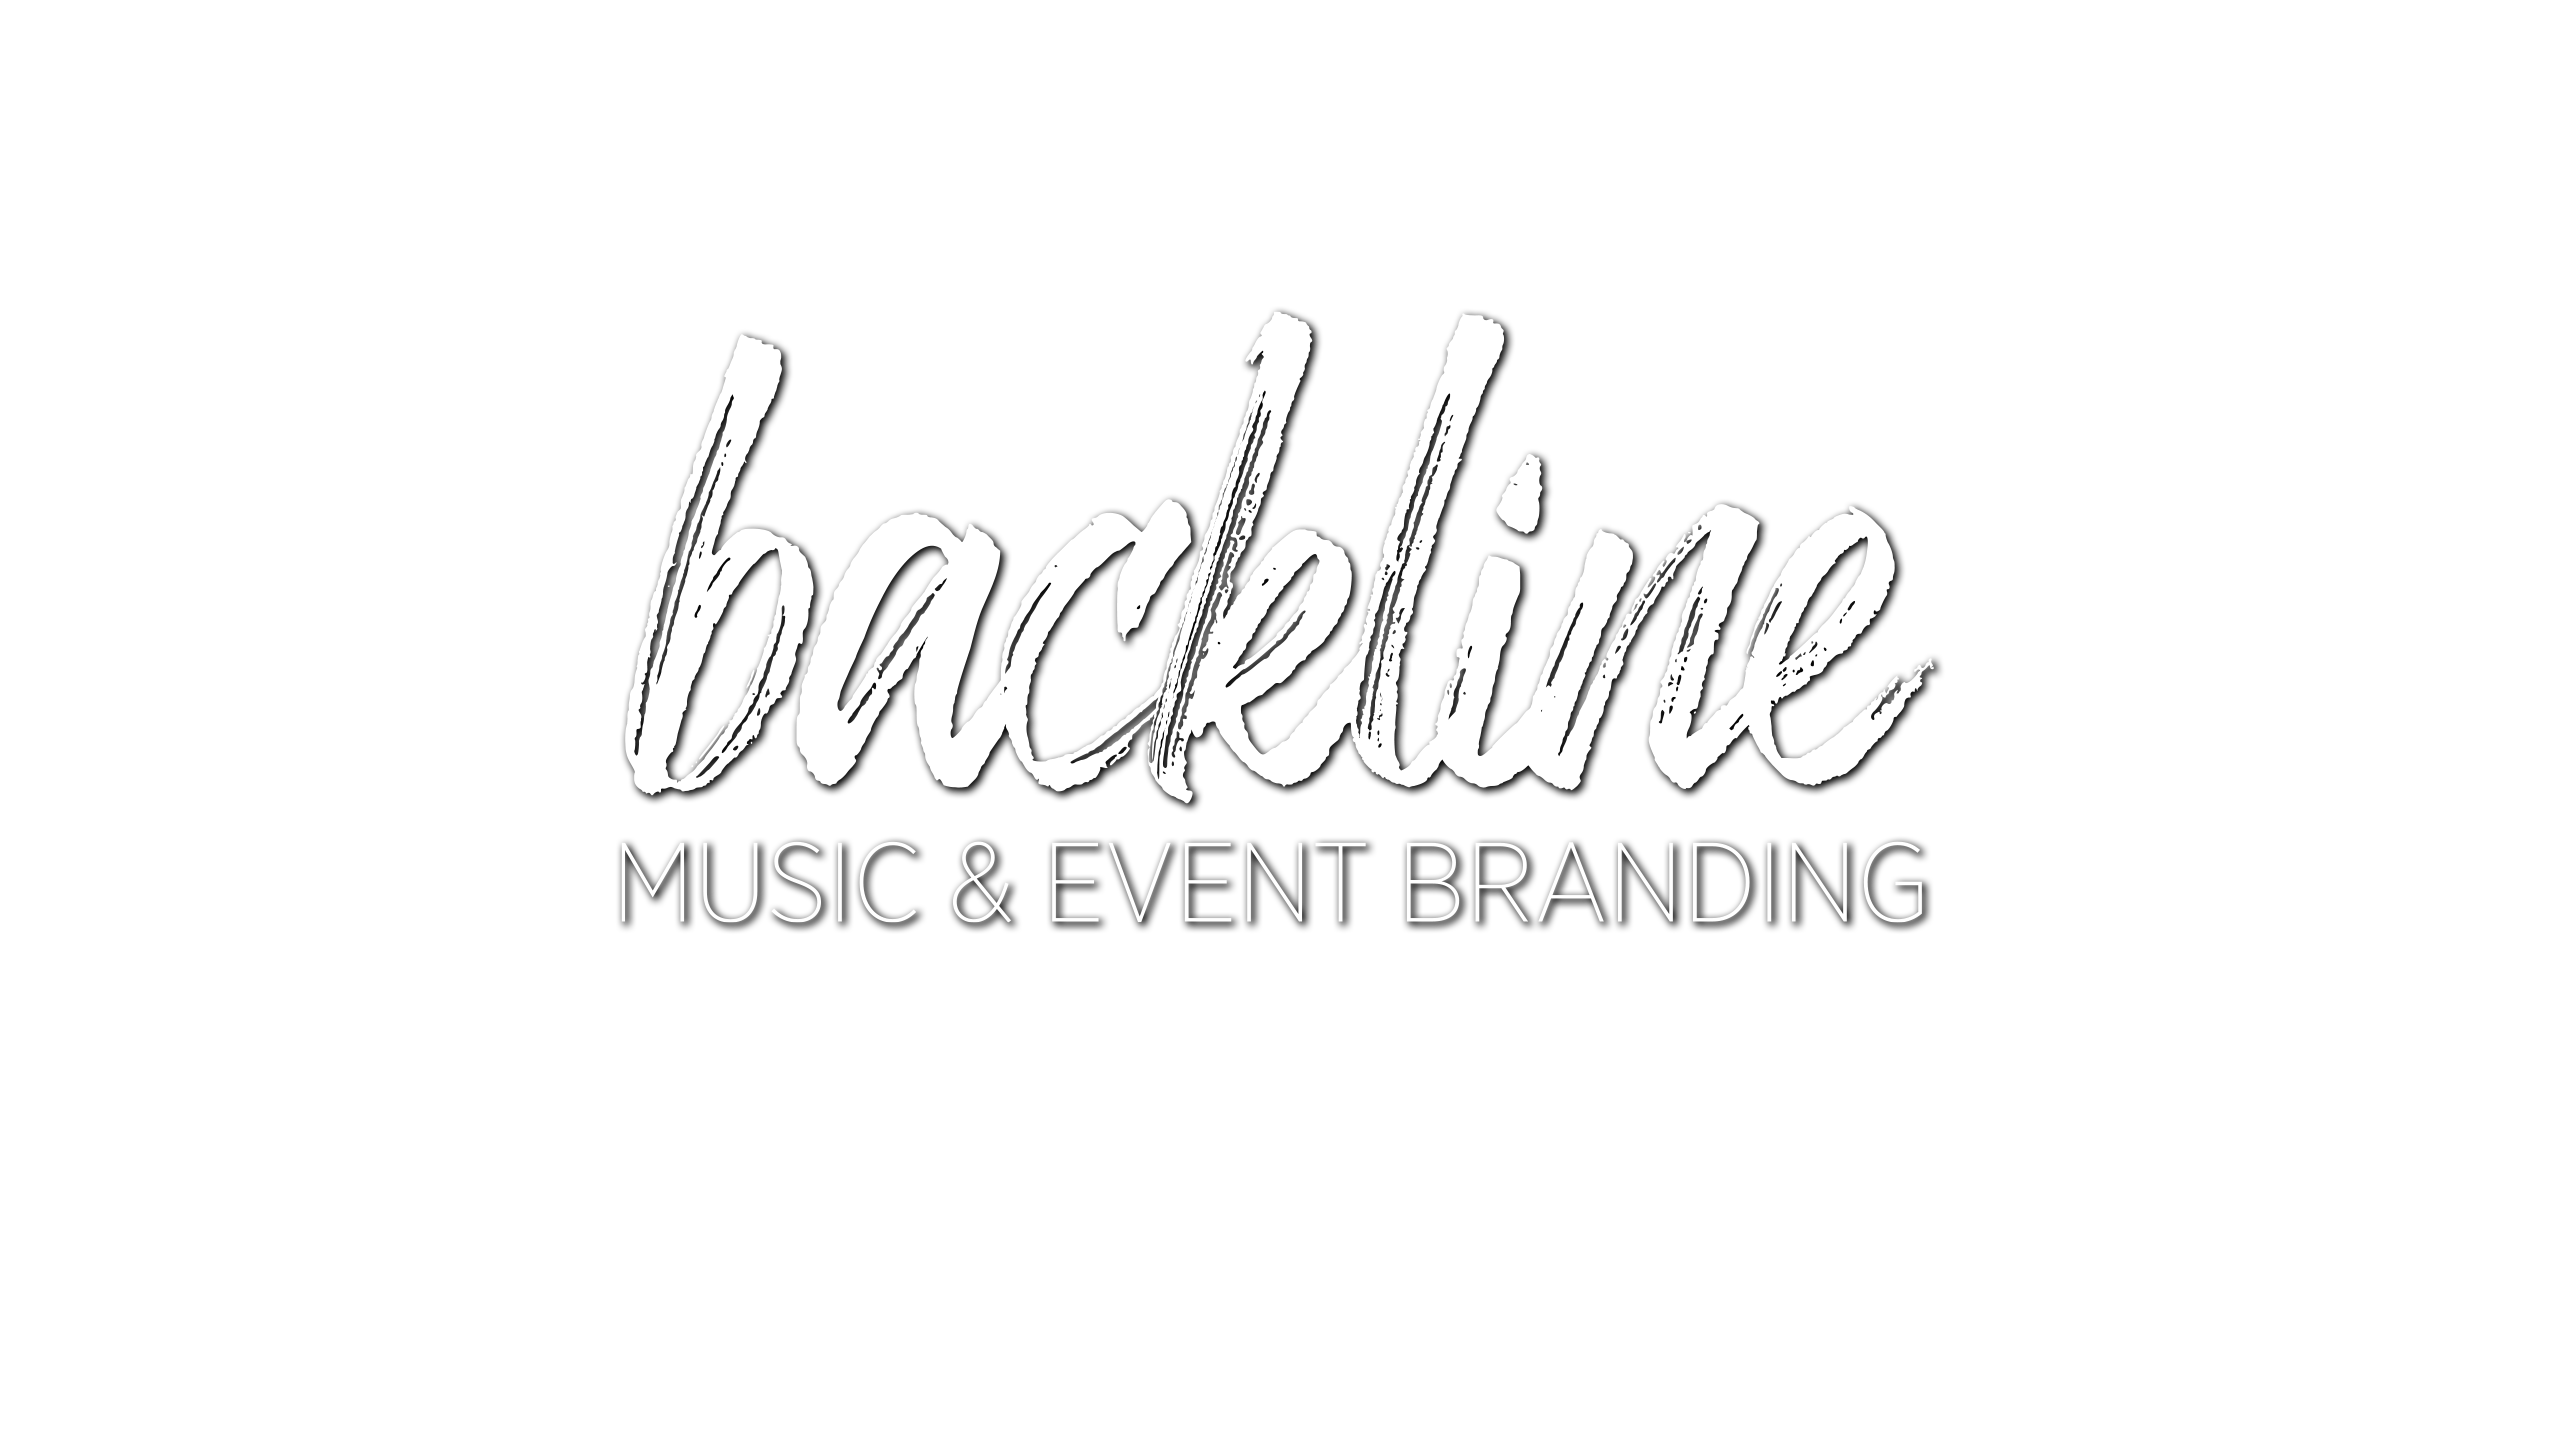 Backline Music & Event Branding Logo